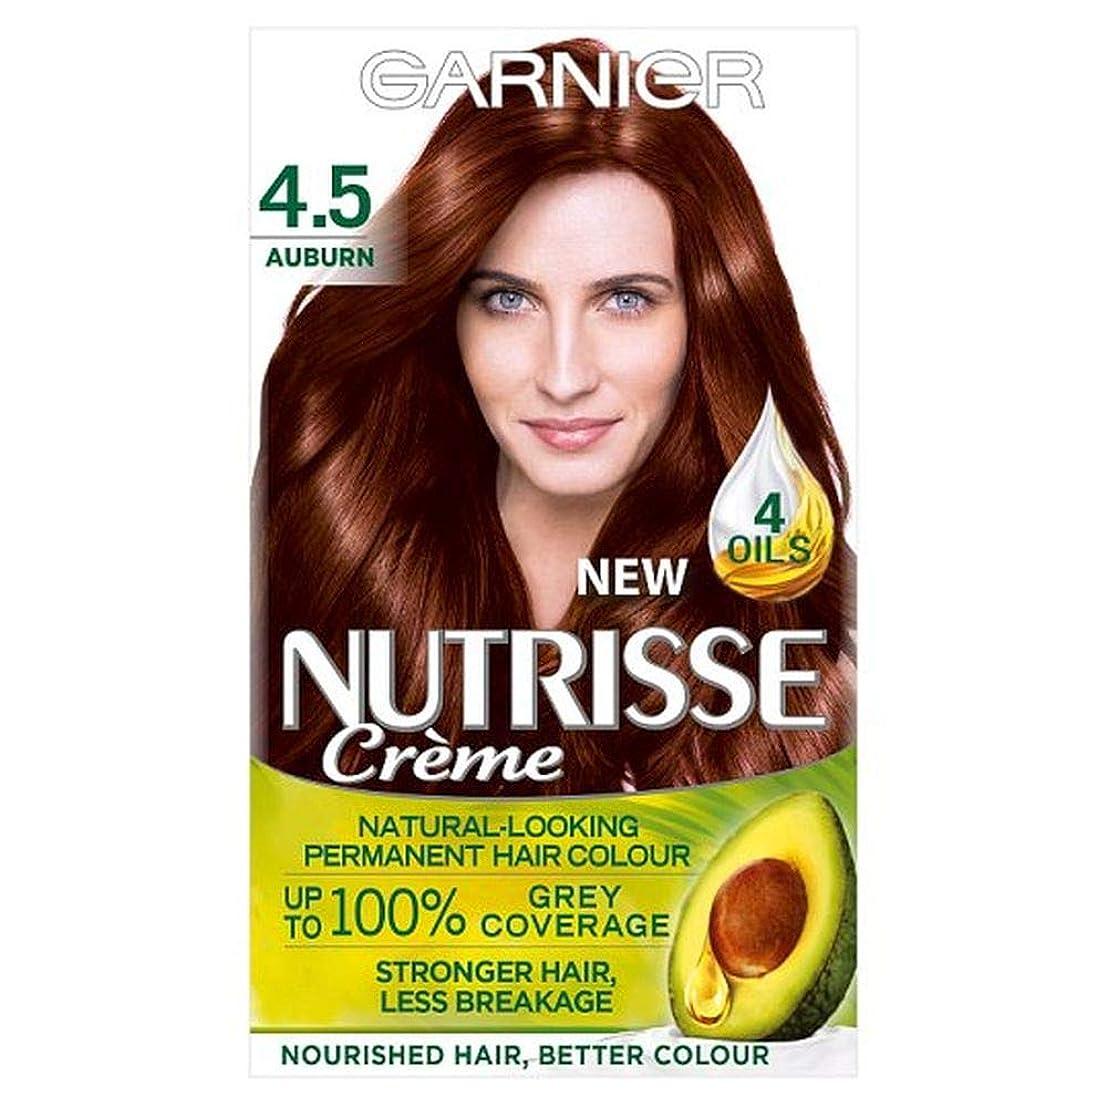 ピックもの平均[Nutrisse] 4.5赤褐色赤のパーマネントヘアダイNutrisseガルニエ - Garnier Nutrisse 4.5 Auburn Red Permanent Hair Dye [並行輸入品]